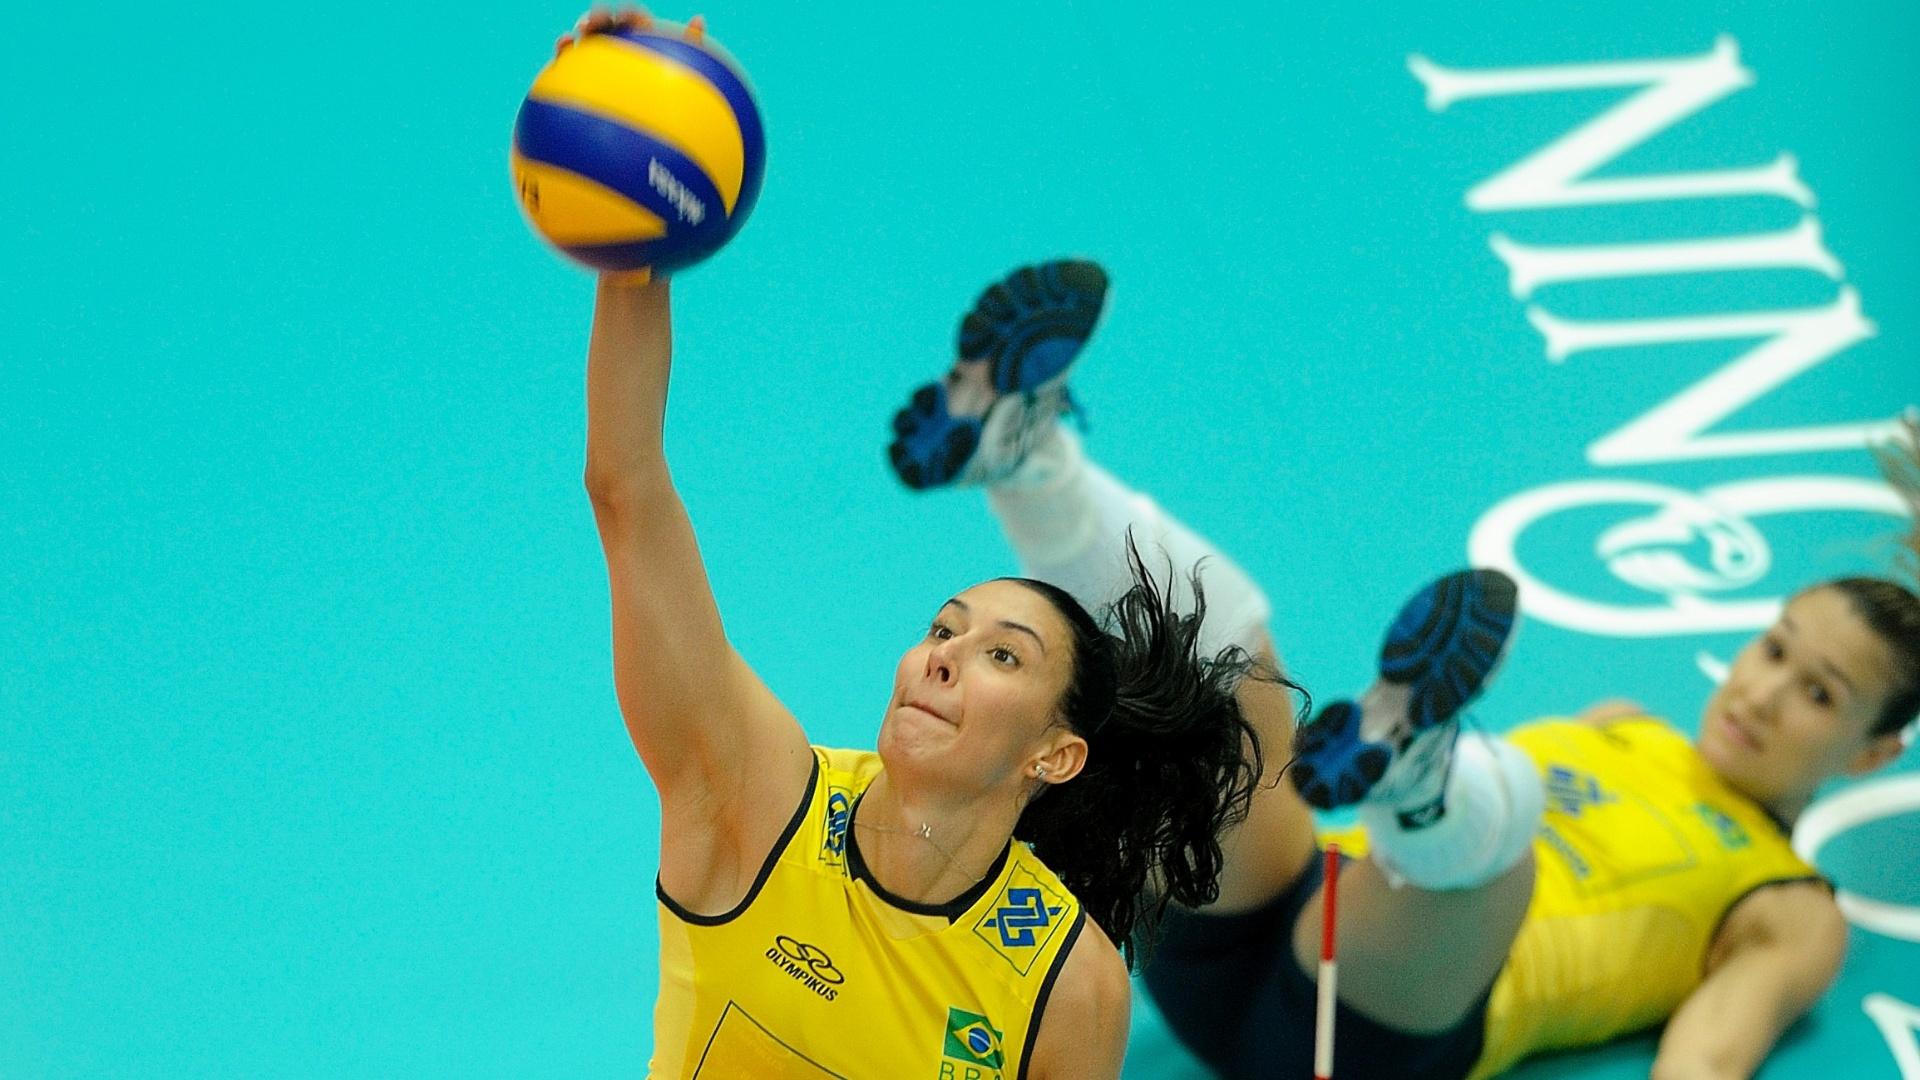 Sheilla, um dos destaques do Brasil no jogo, sobe para atacar